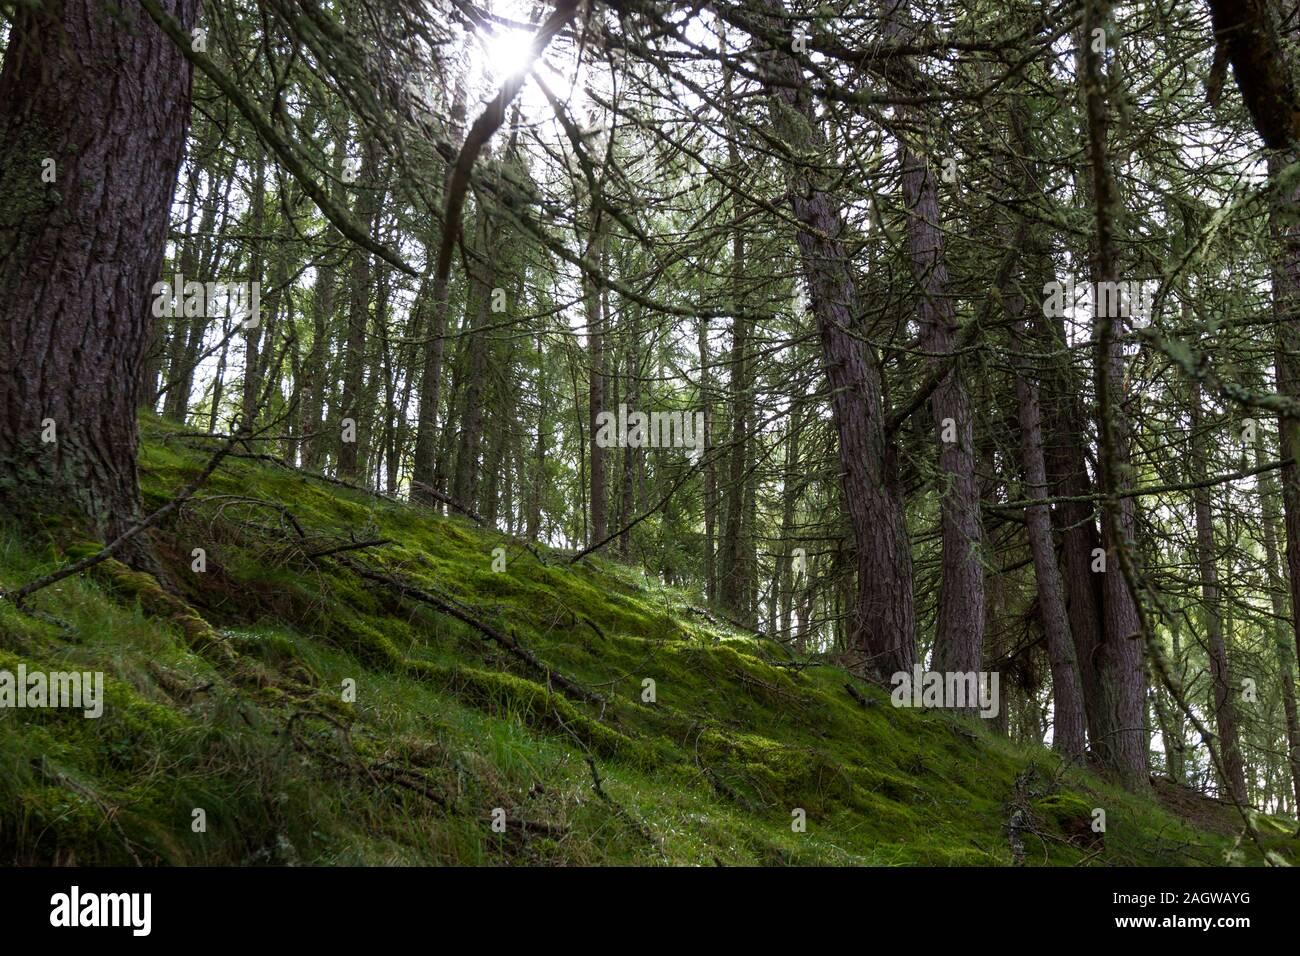 Hierba verde y rocas cubiertas de musgo rodeado por altos árboles en las Highlands escocesas Foto de stock